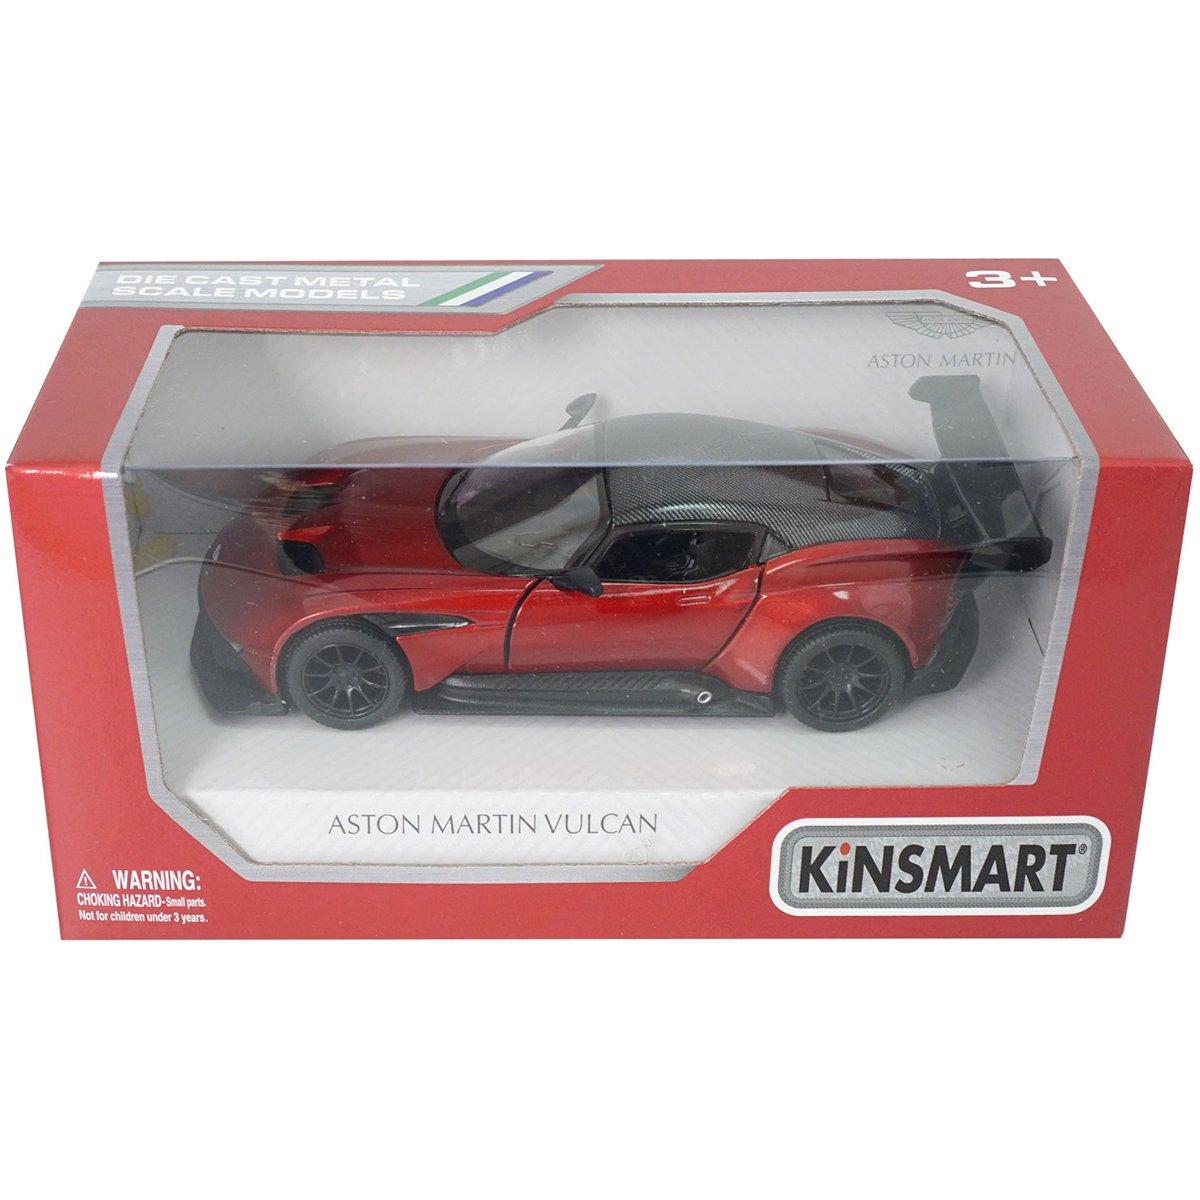 Masinuta din metal Kinsmart, Aston Martin Vulcan, Rosu